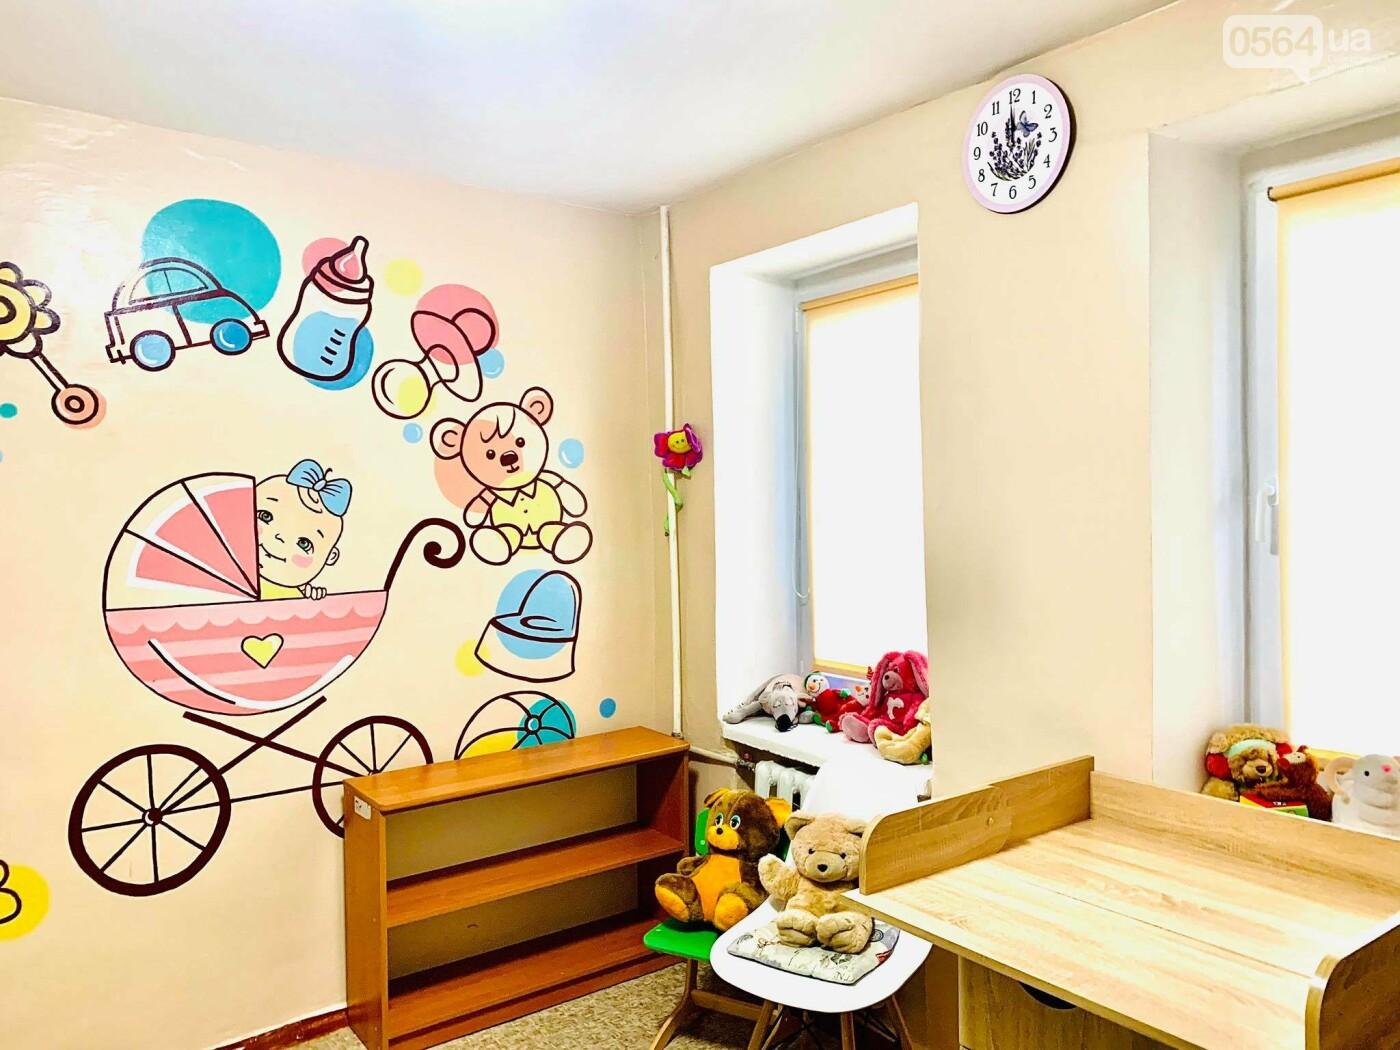 За підтримки компанії Метінвест в університетах Кривого Рогу відкривають кімнати матері та дитини, фото-1